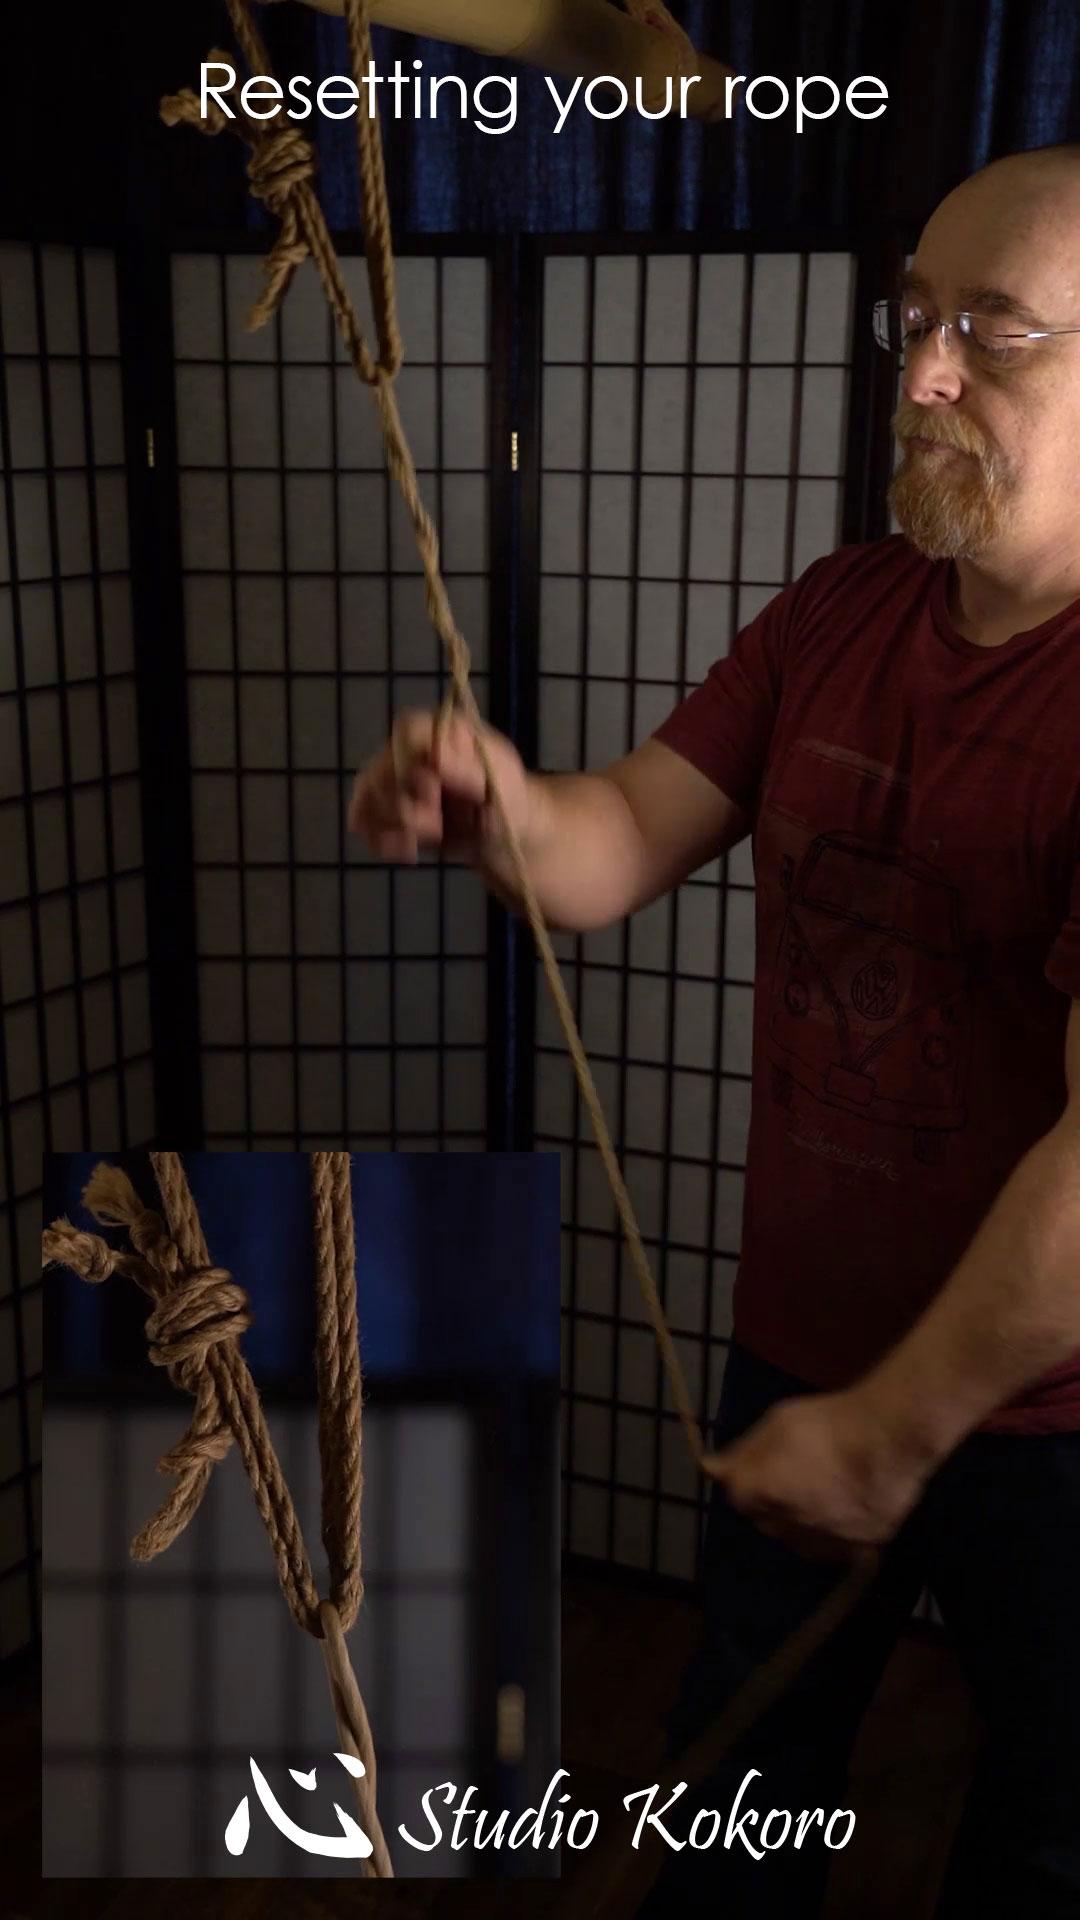 Studio Kokoro Resetting Rope